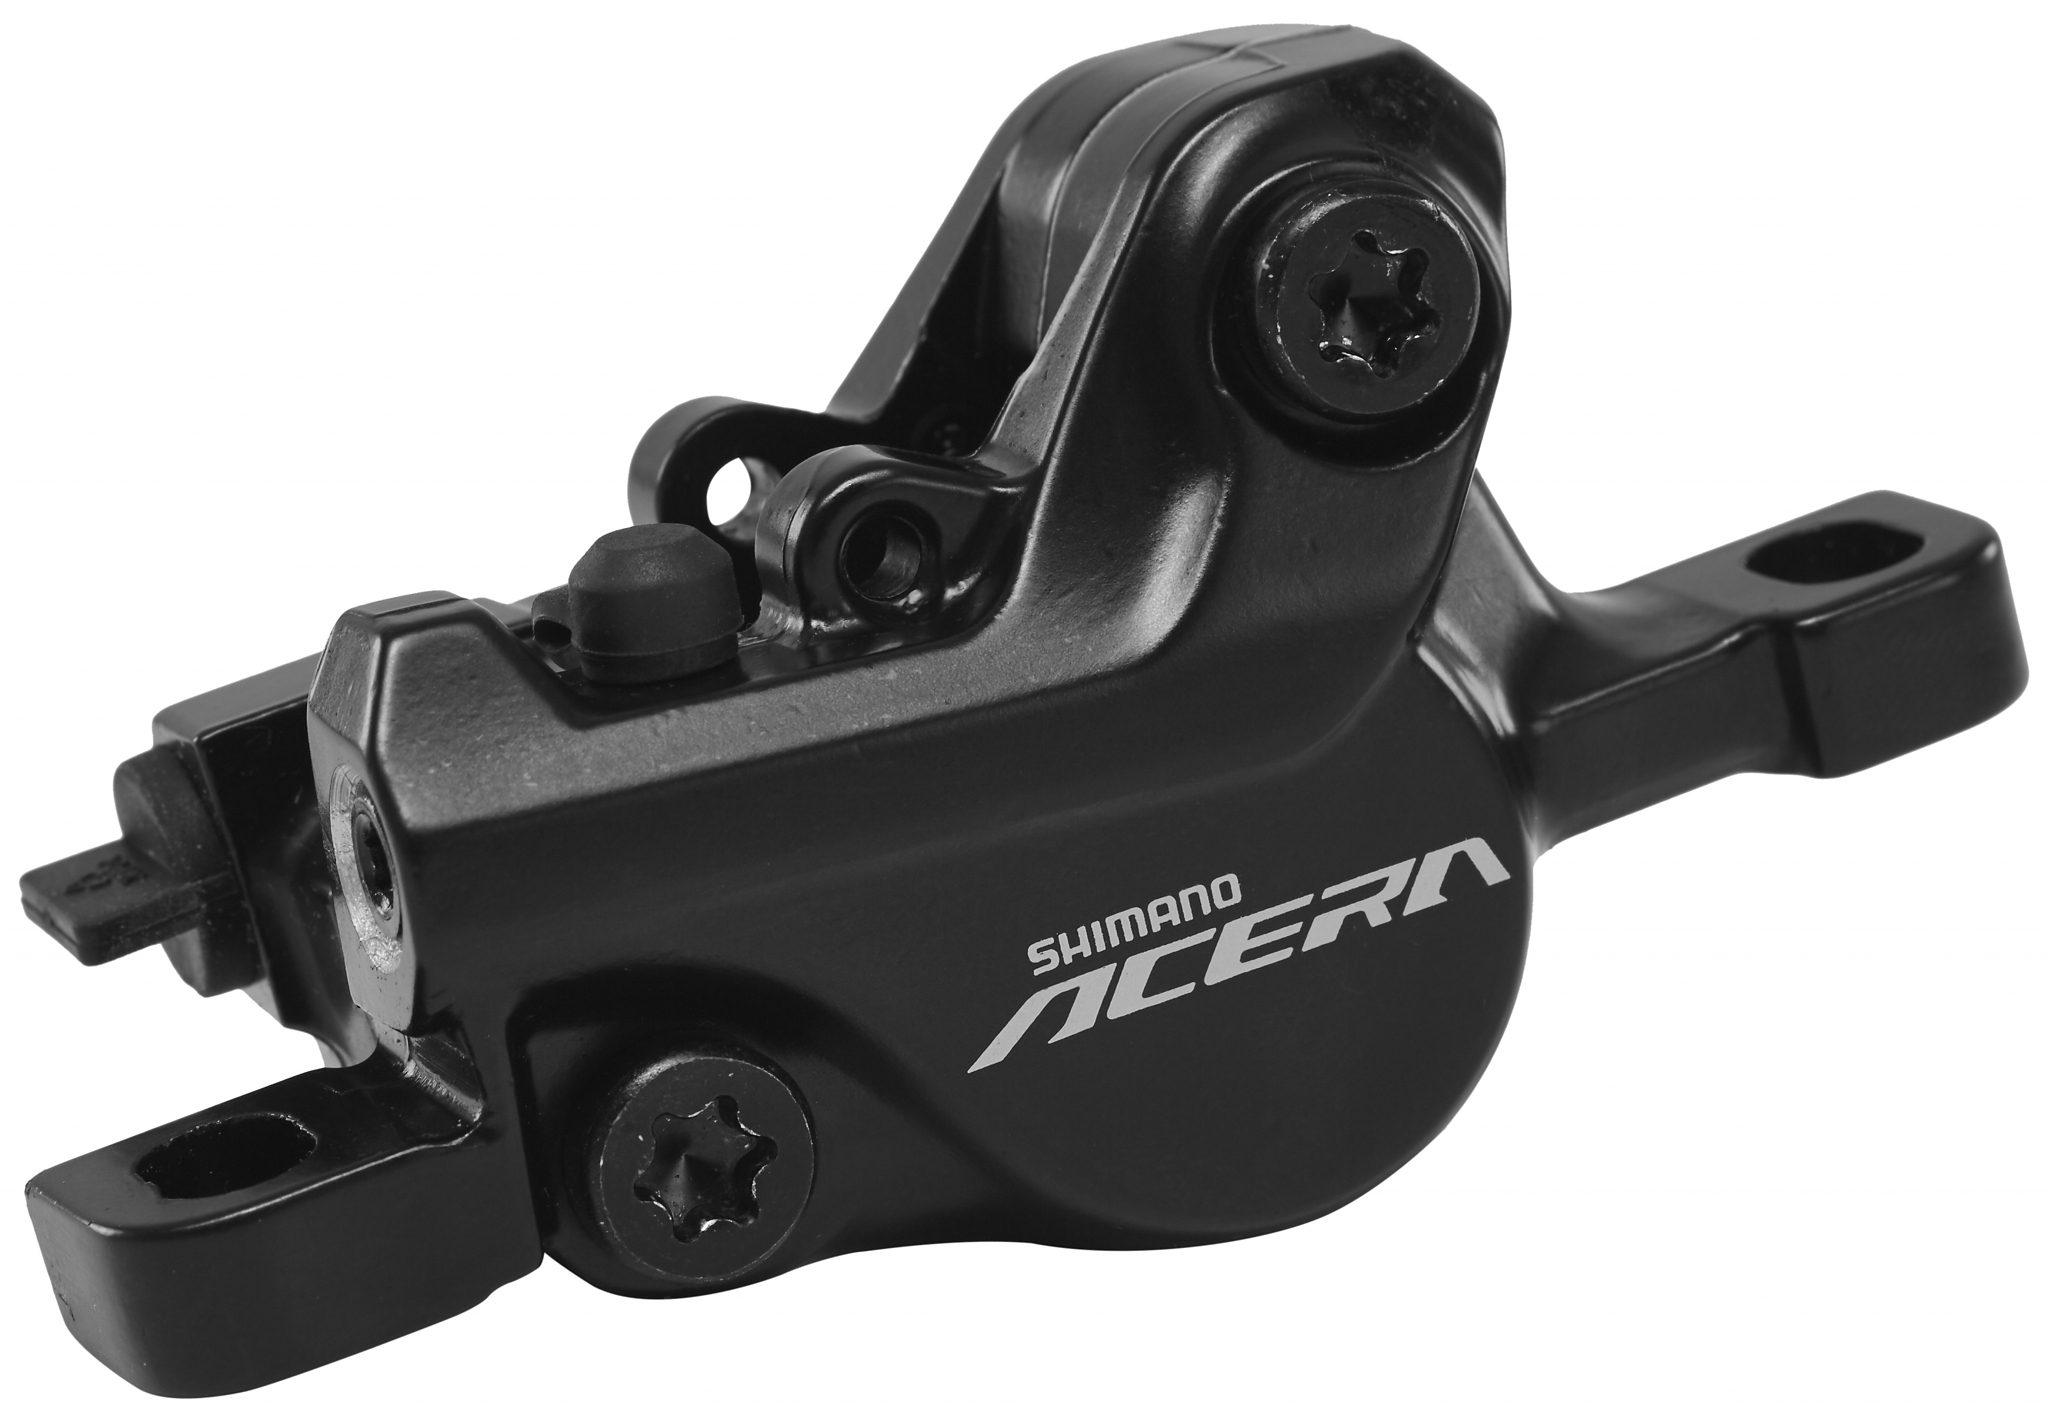 Shimano Scheibenbremse »Acera BR-M3050 Bremssattel Vorderrad/Hinterrad«